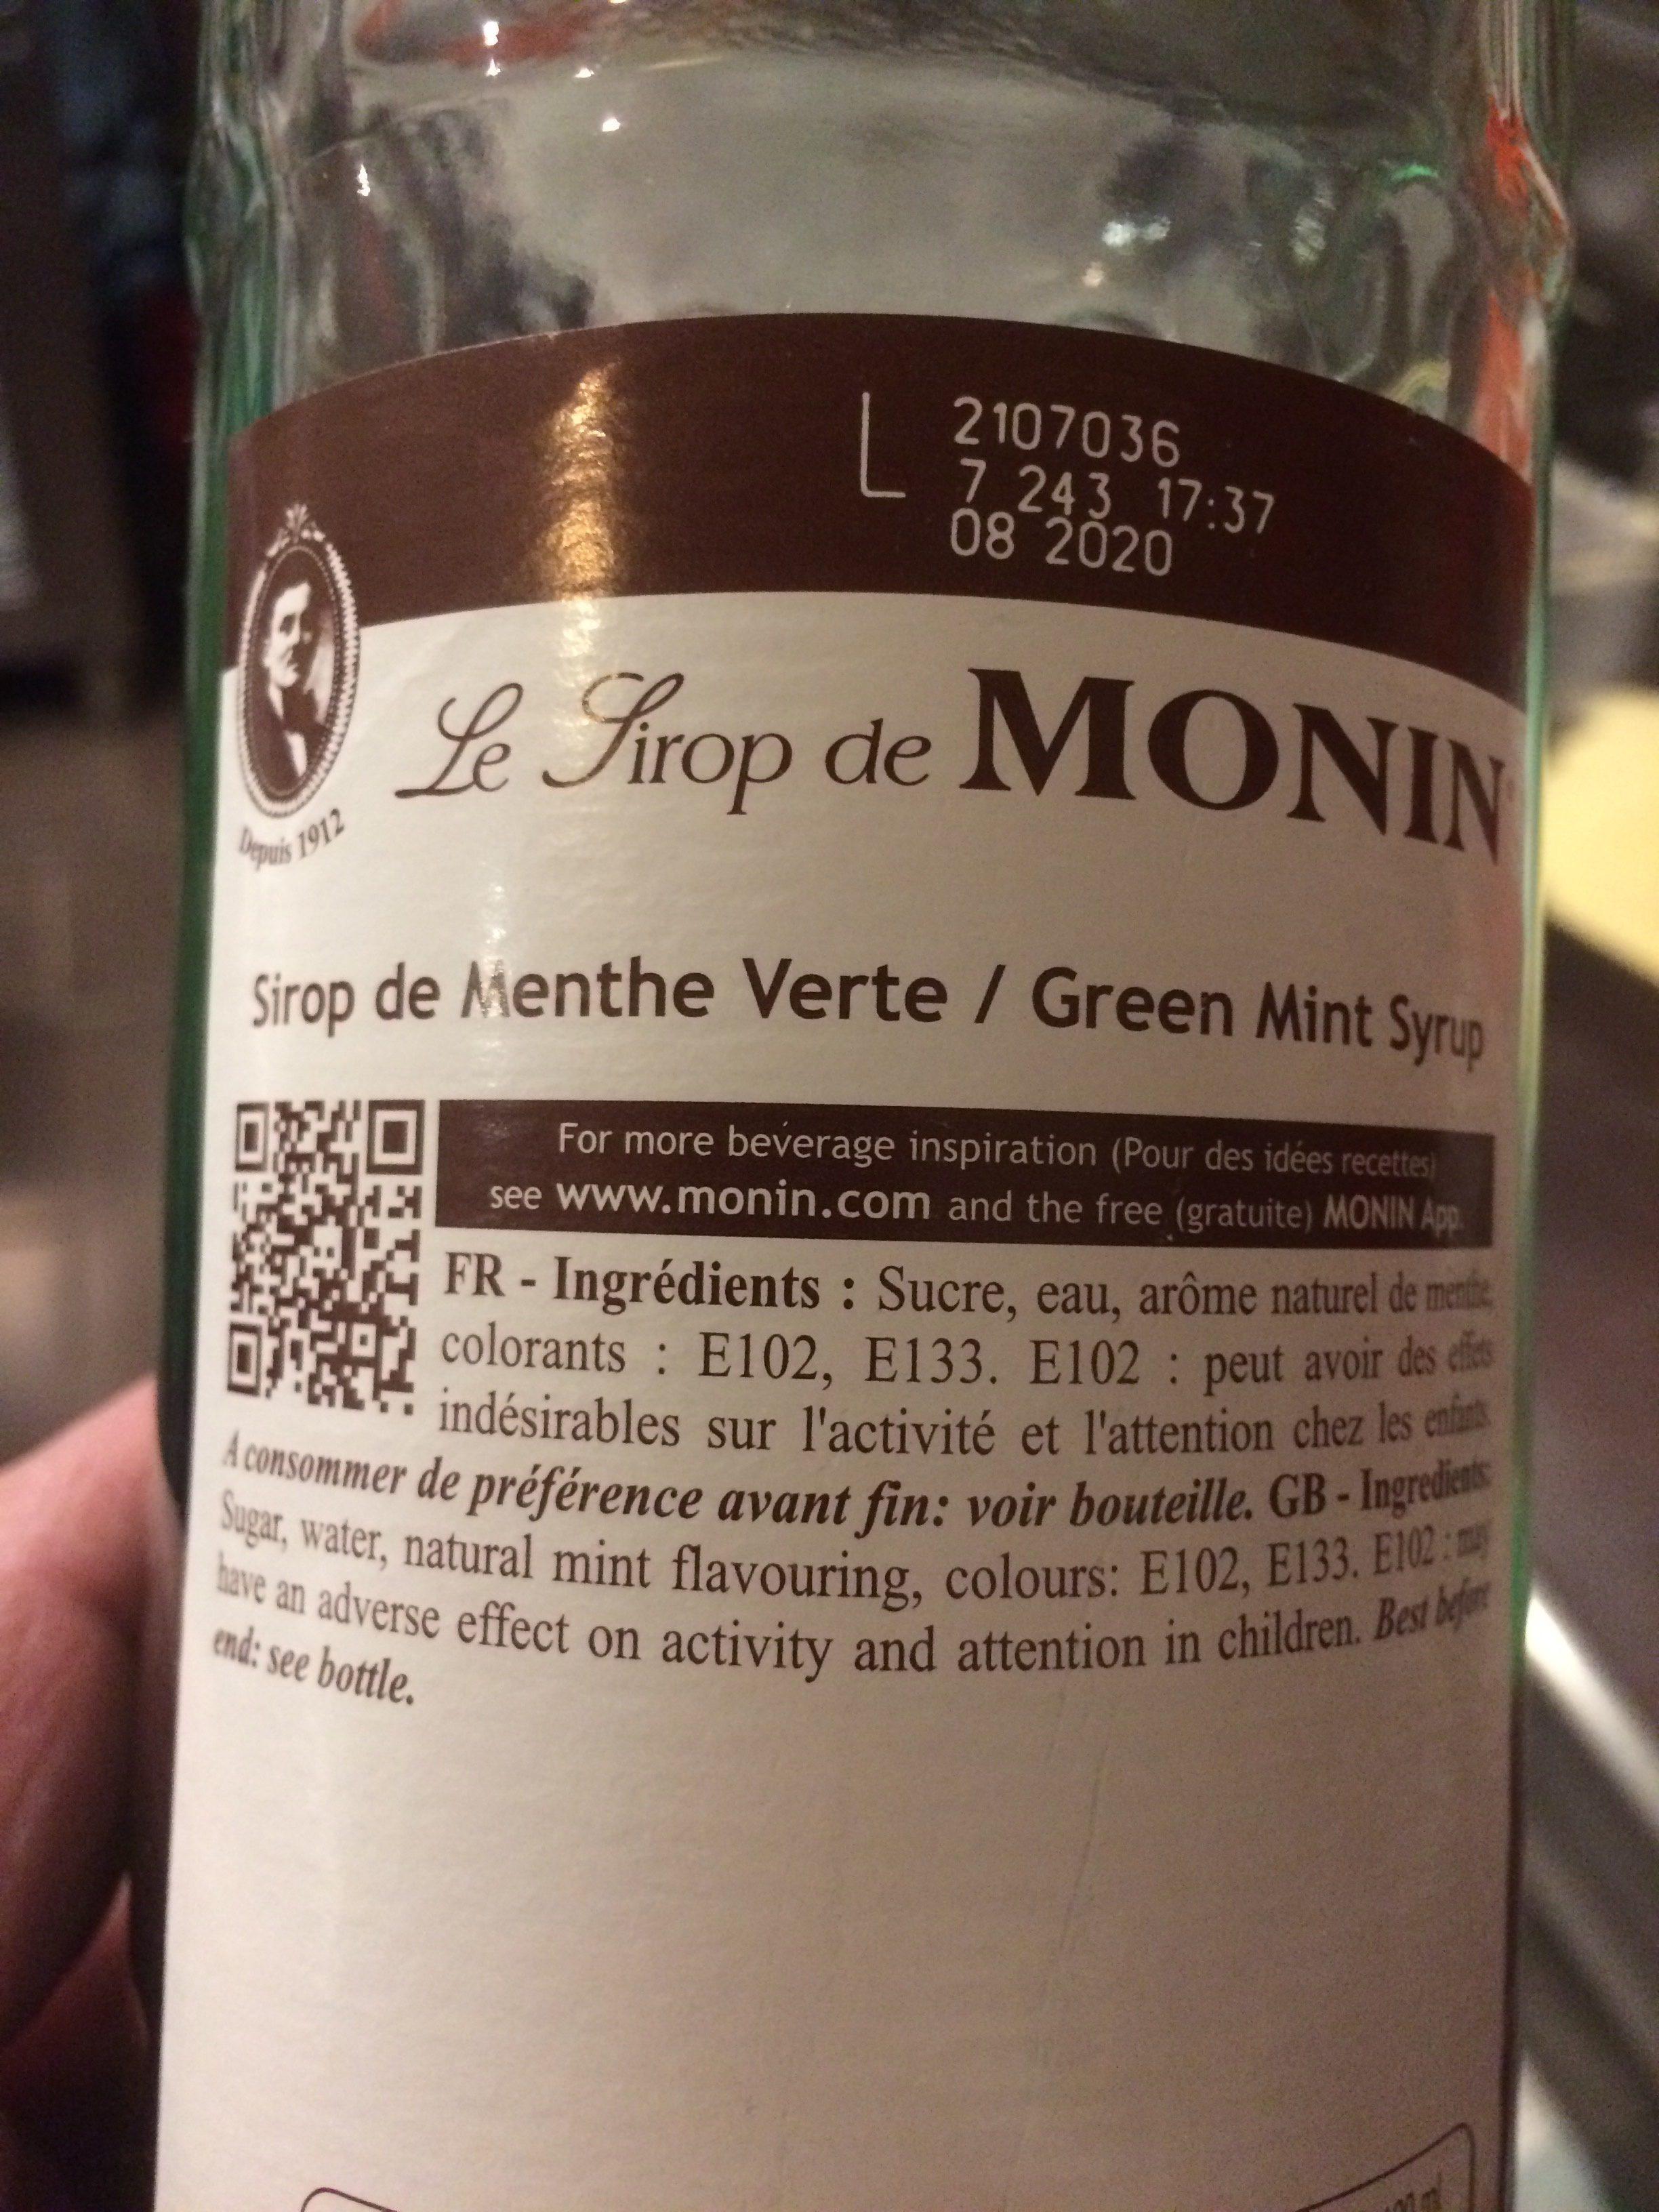 Le Sirop De Monin Menthe Verthe - Ingredients